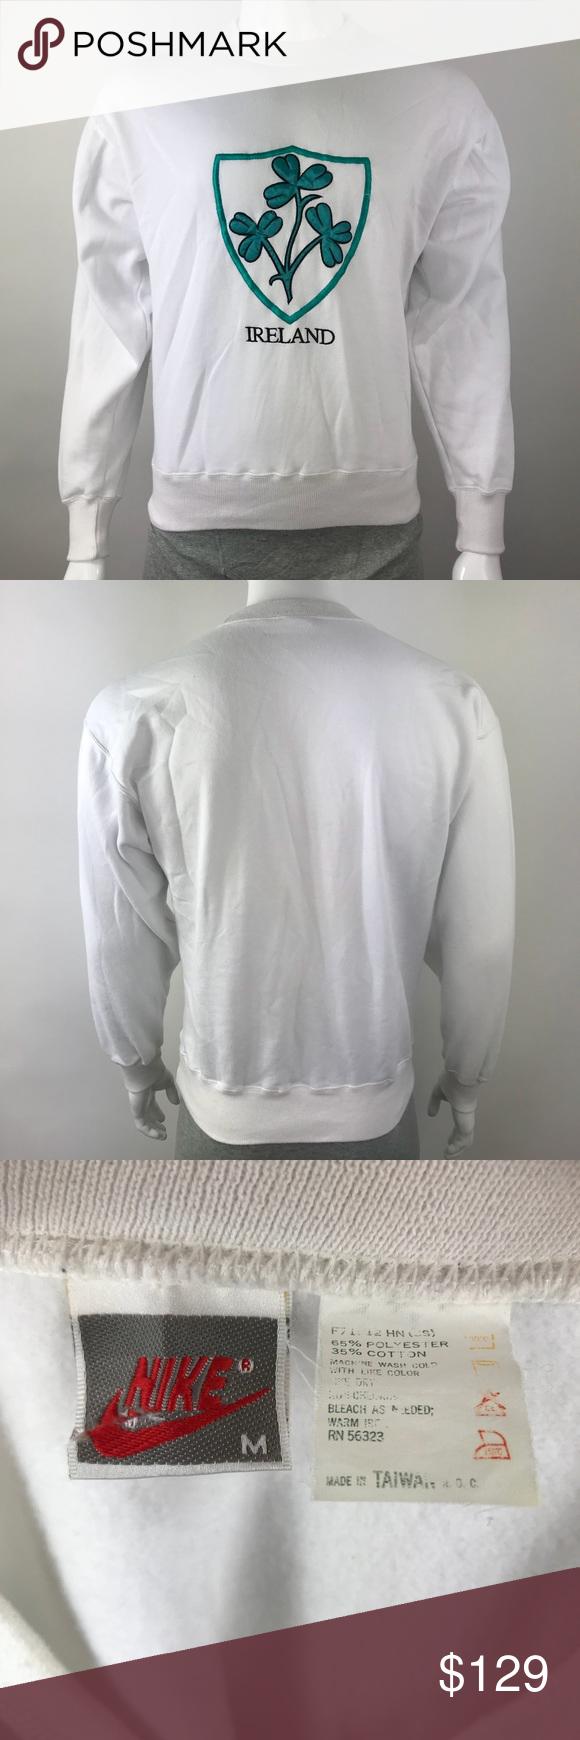 Vintage Nike Long Sleeve White Ireland Sweatshirt Vintage Nike Long Sleeve Ireland Sweatshirt Color White Us S Nike Long Sleeve Vintage Nike Clothes Design